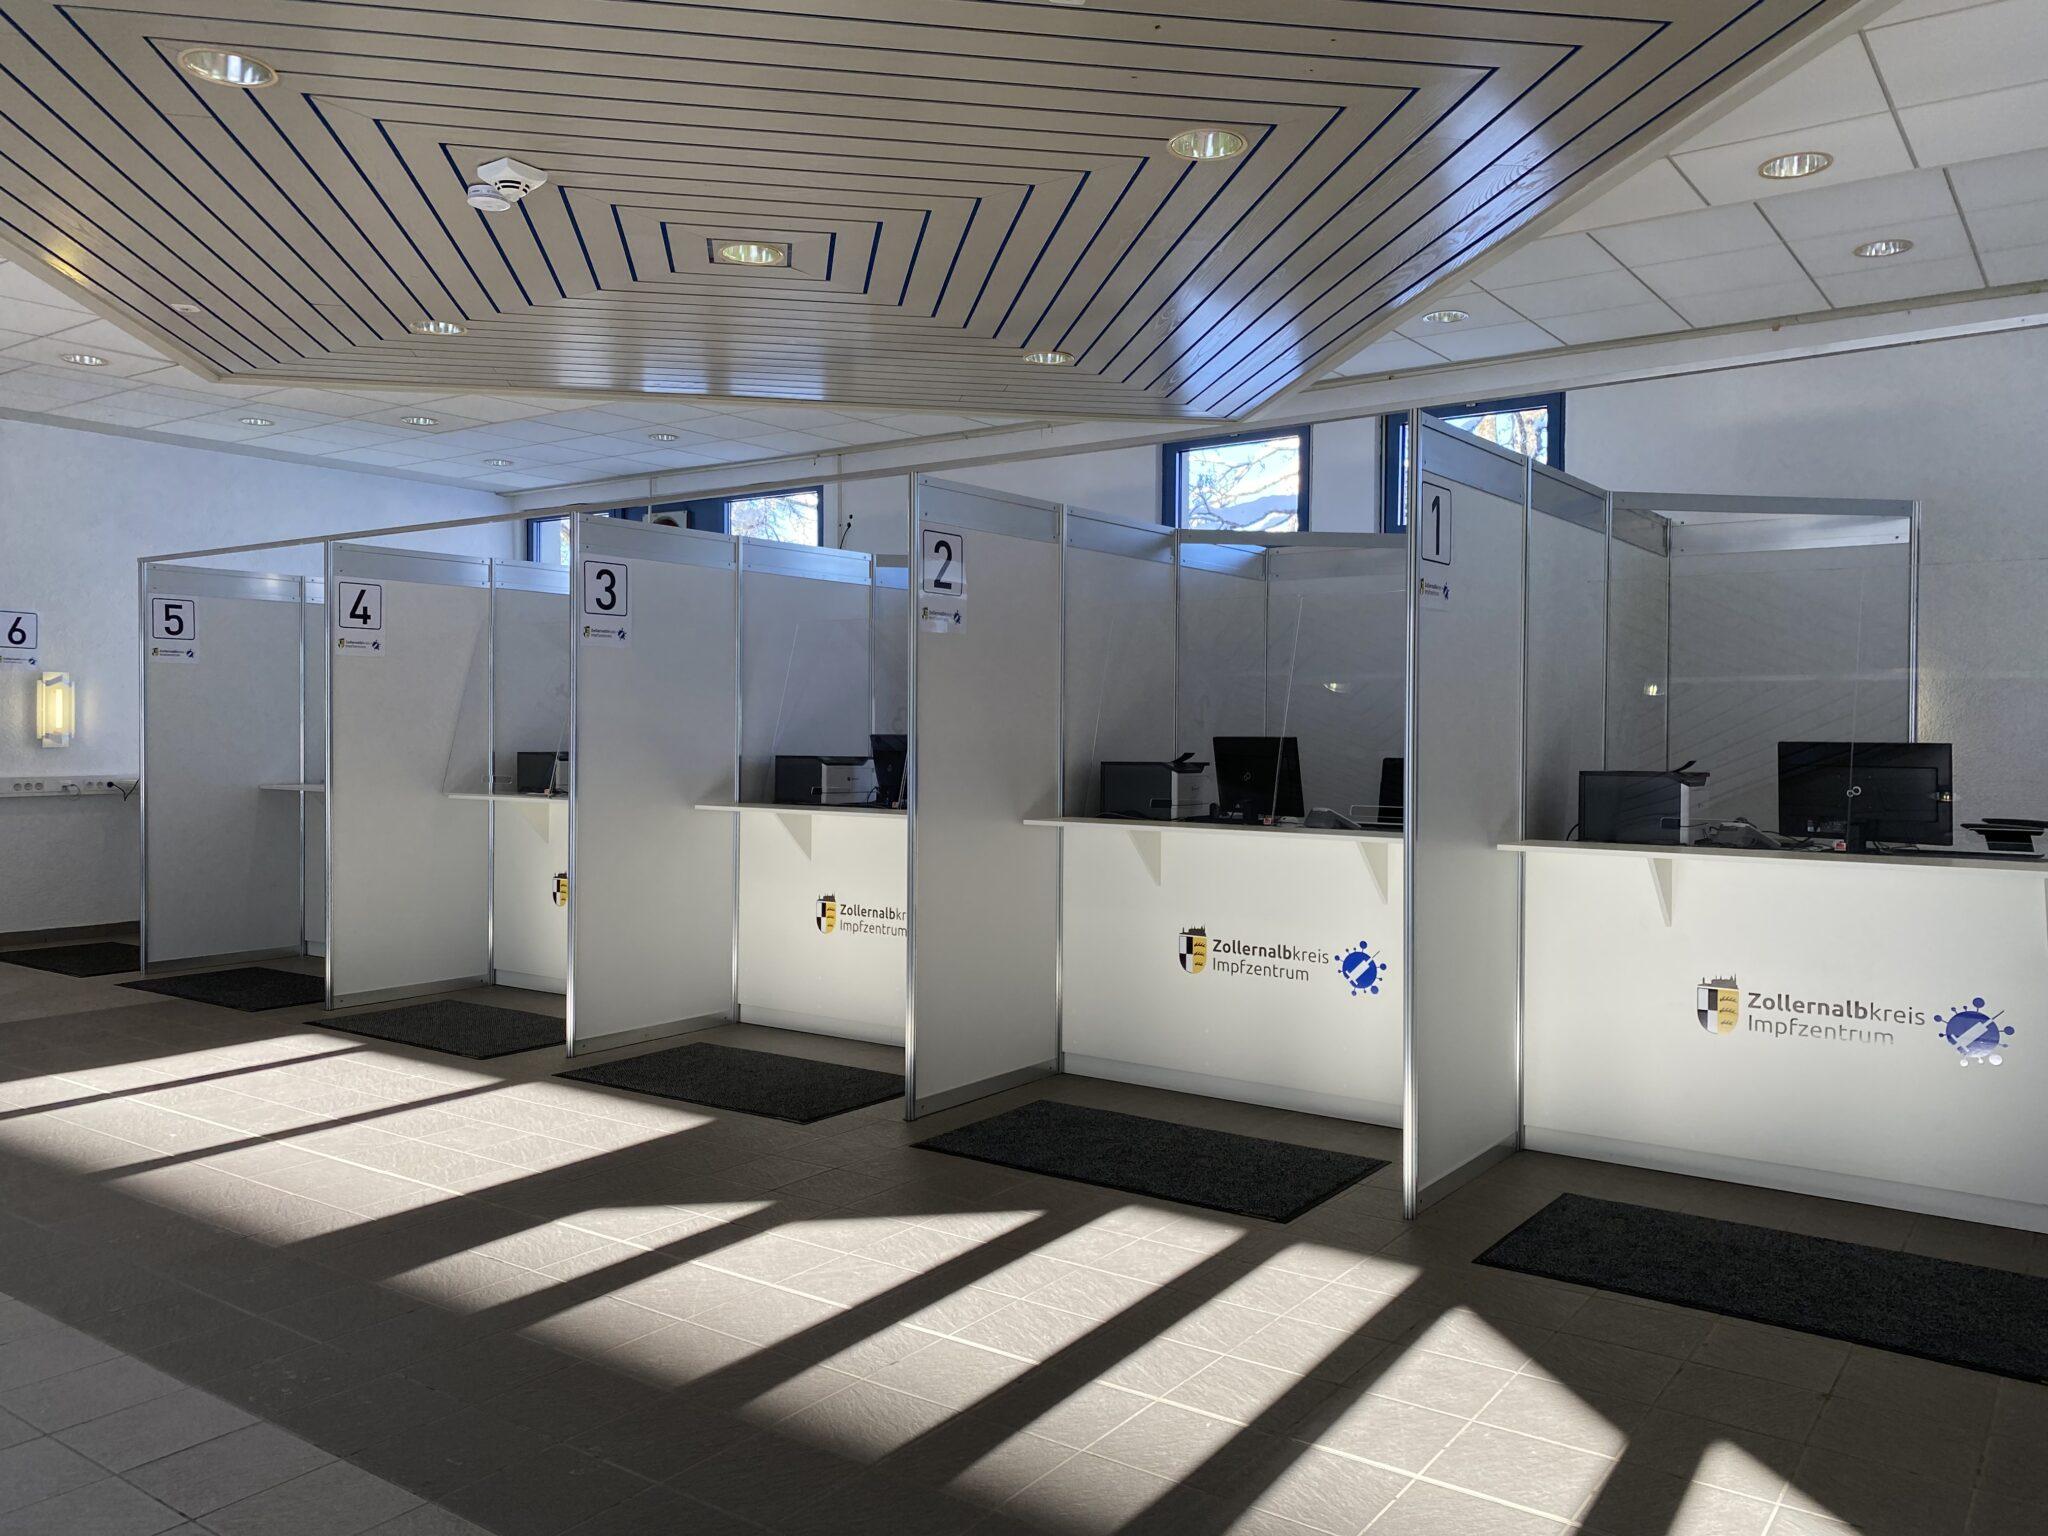 Impfregistrierung im Kreisimpfzentrum Meßstetten: Sechs Anmeldeschalter entzerren das Personenaufkommen.